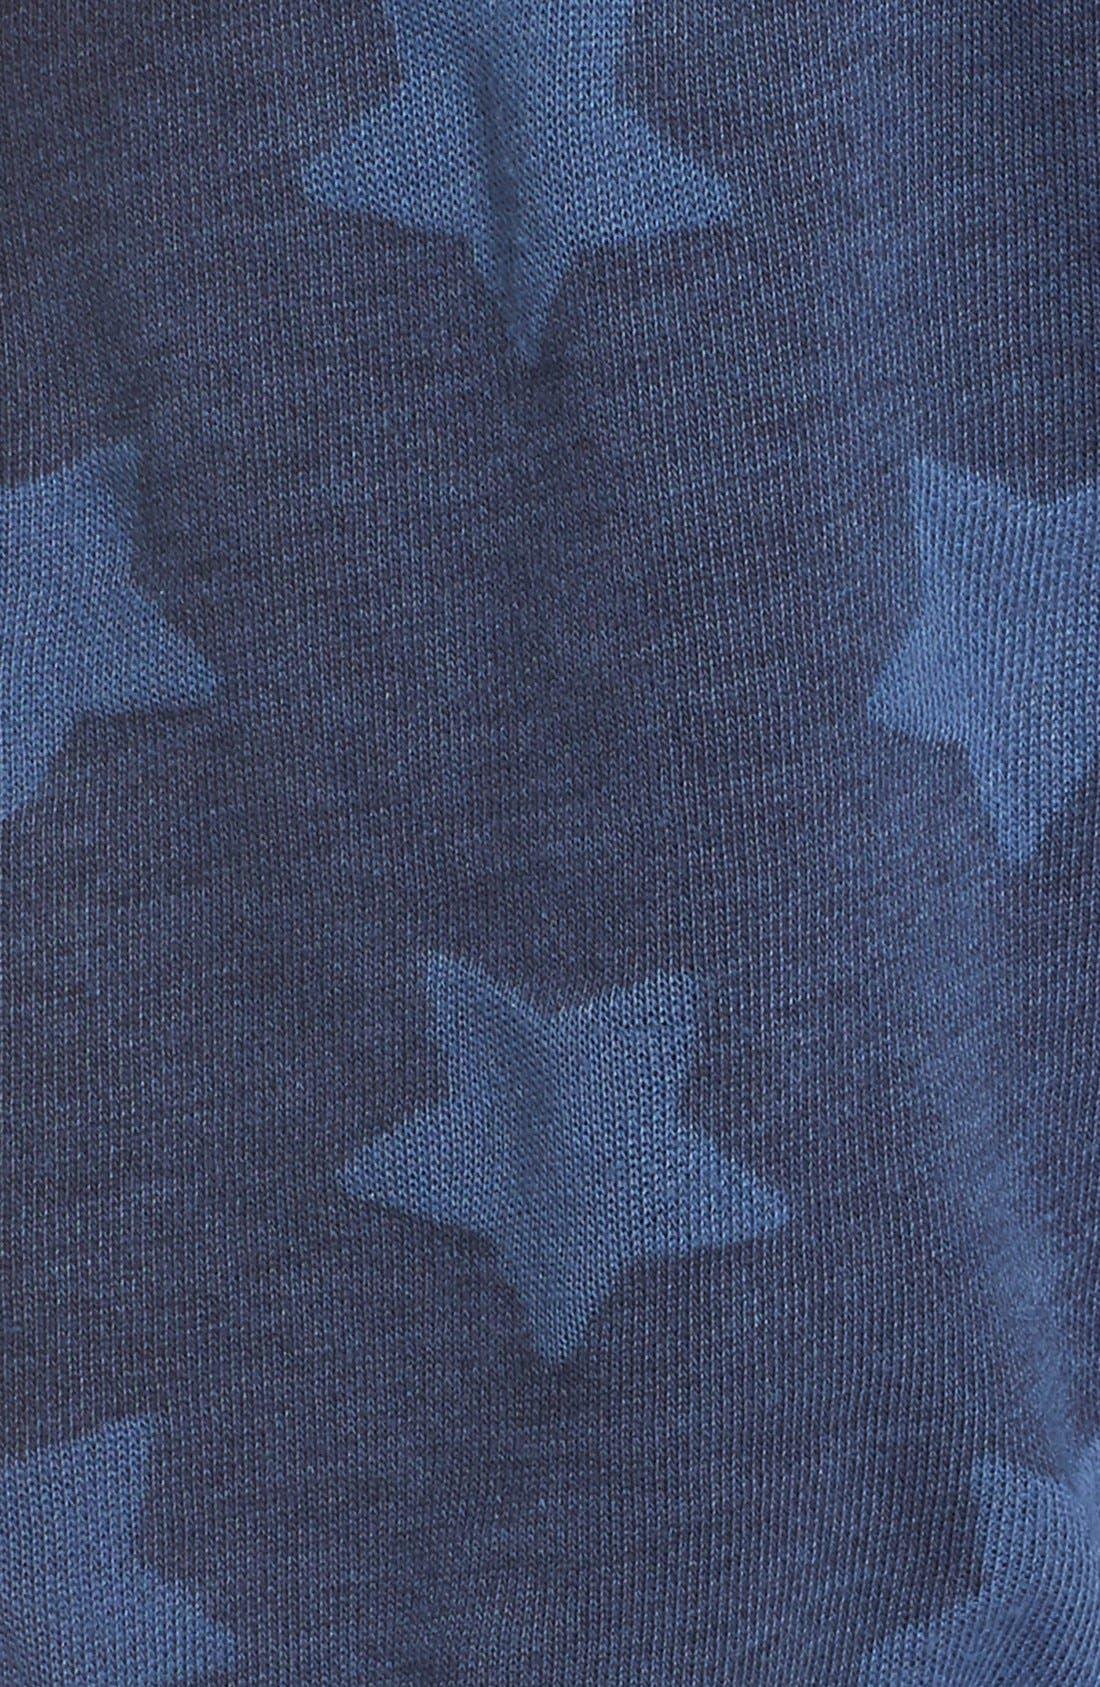 Alternate Image 5  - PJ Salvage 'Road Trip' Star Print Pajama Shorts